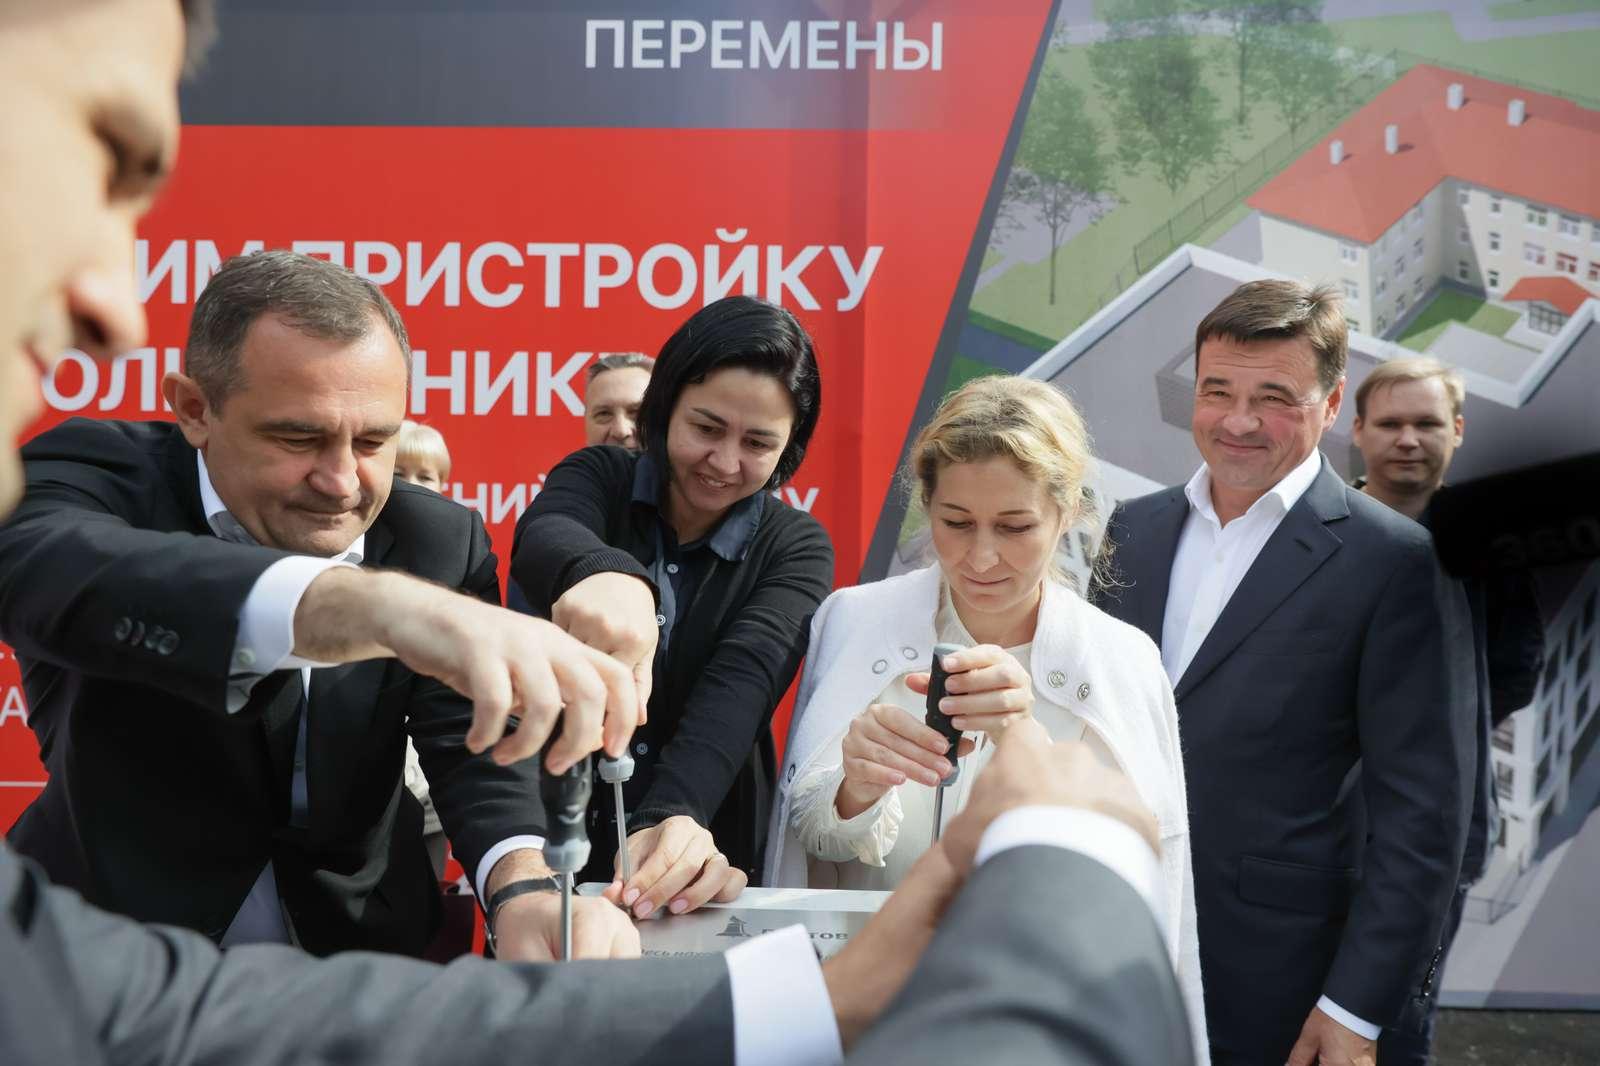 Фундамент здоровья. Реутов получит новые поликлинику и медкорпус   Изображение 2